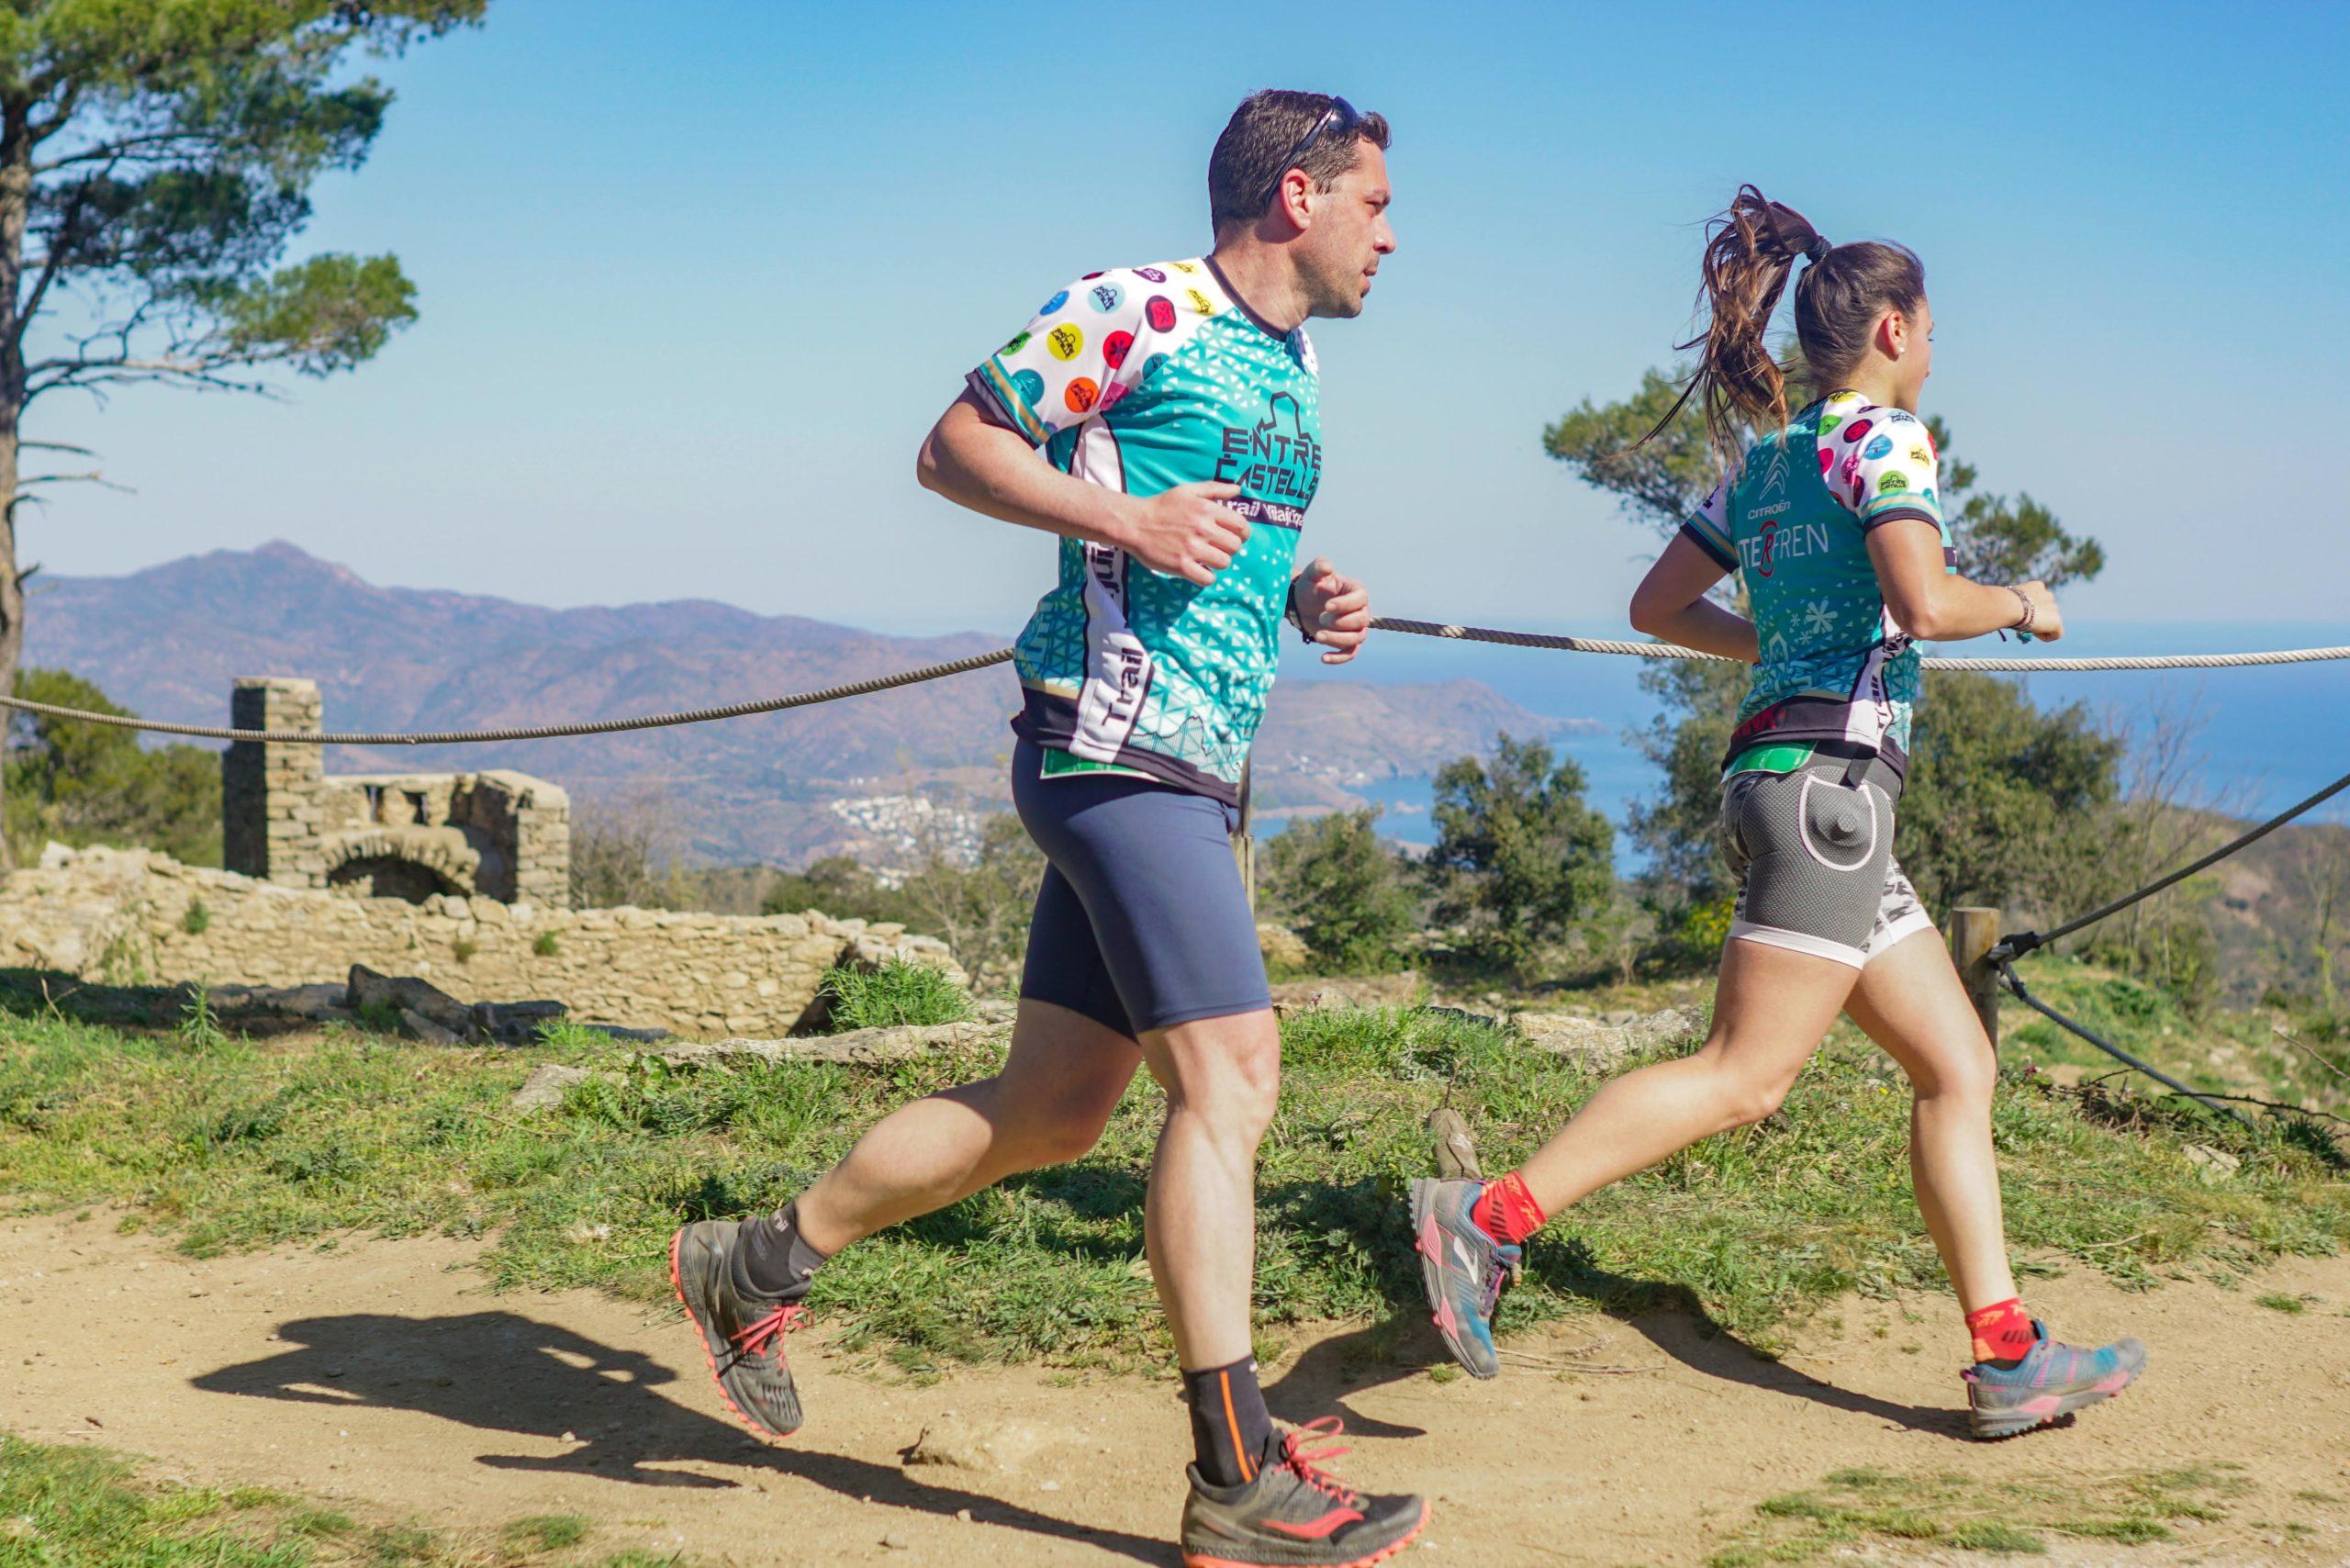 L'Ajuntament de Vilajuïga arriba a un preacord amb la Cursa de Muntanya ENTRE CASTELLS per donar solidesa a l'esdeveniment